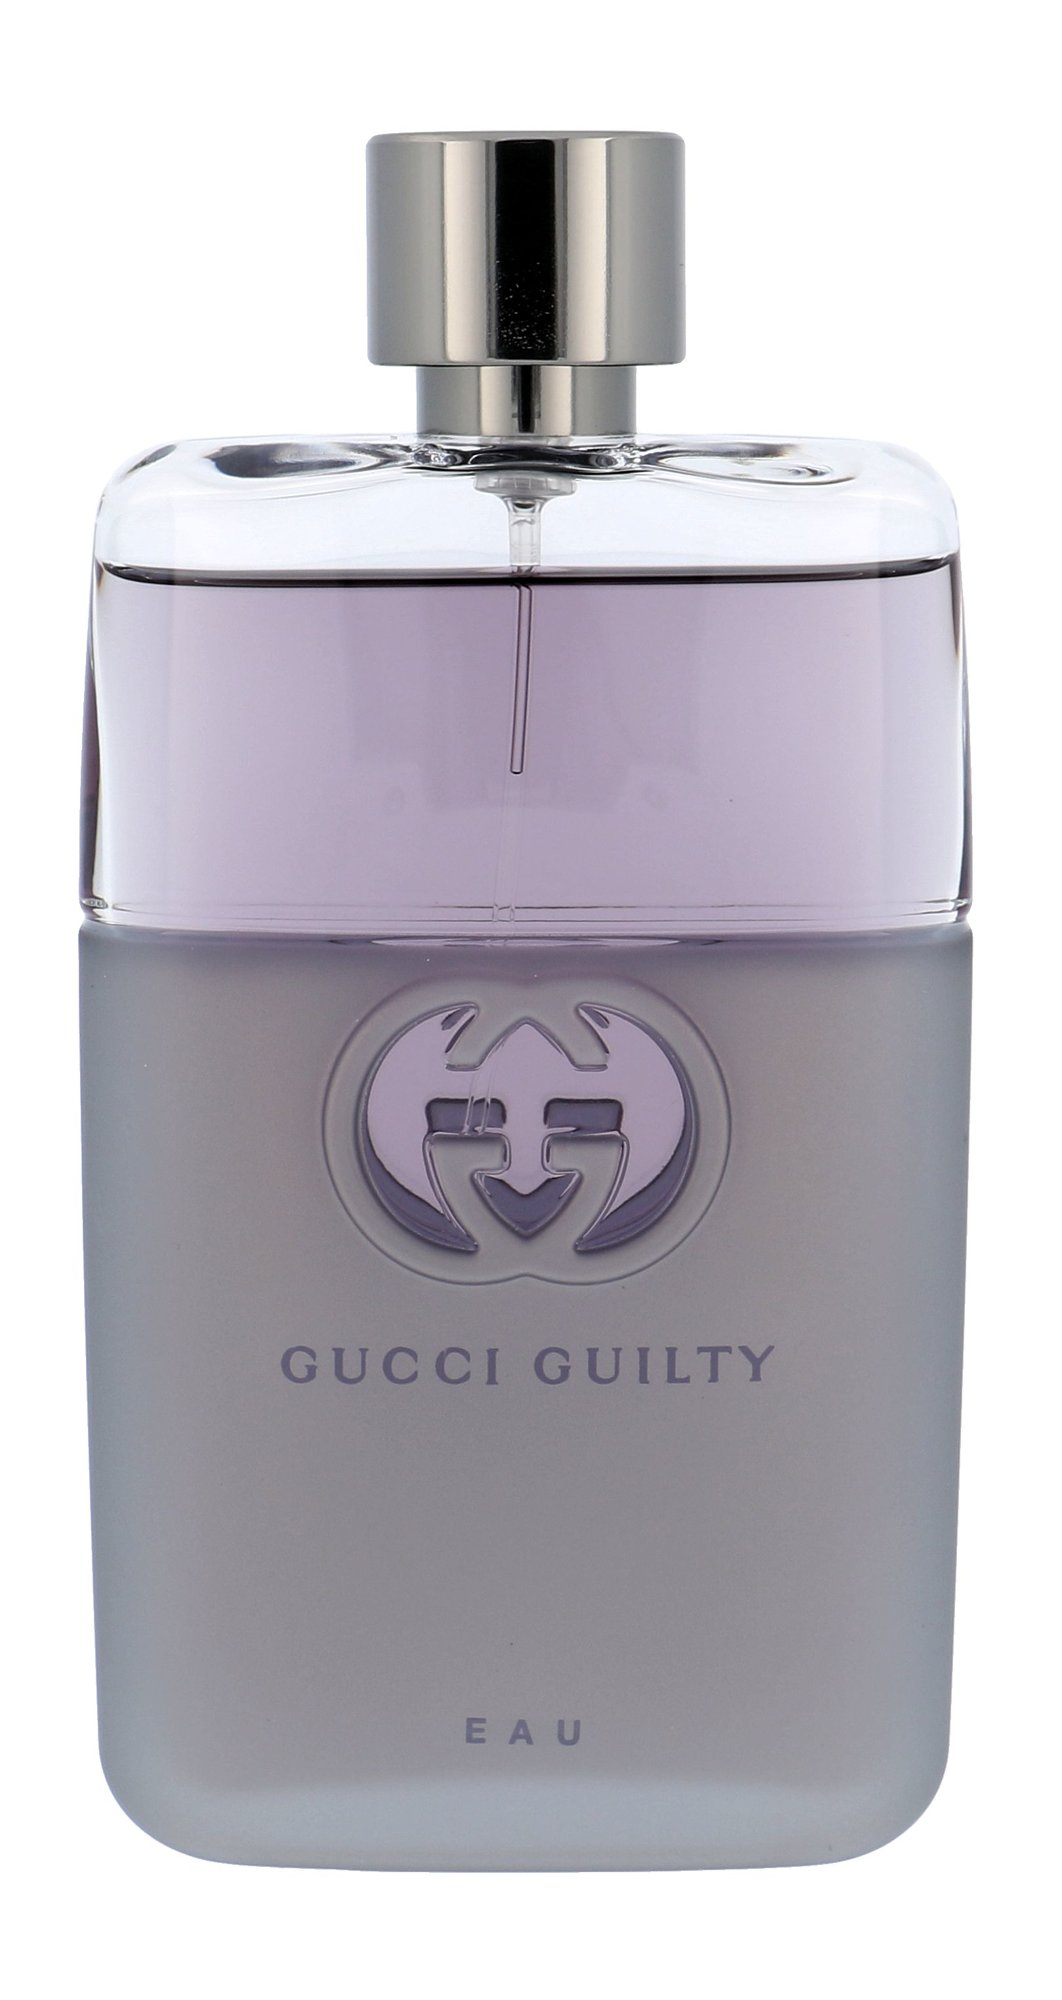 Gucci Gucci Guilty Eau Pour Homme EDT 90ml